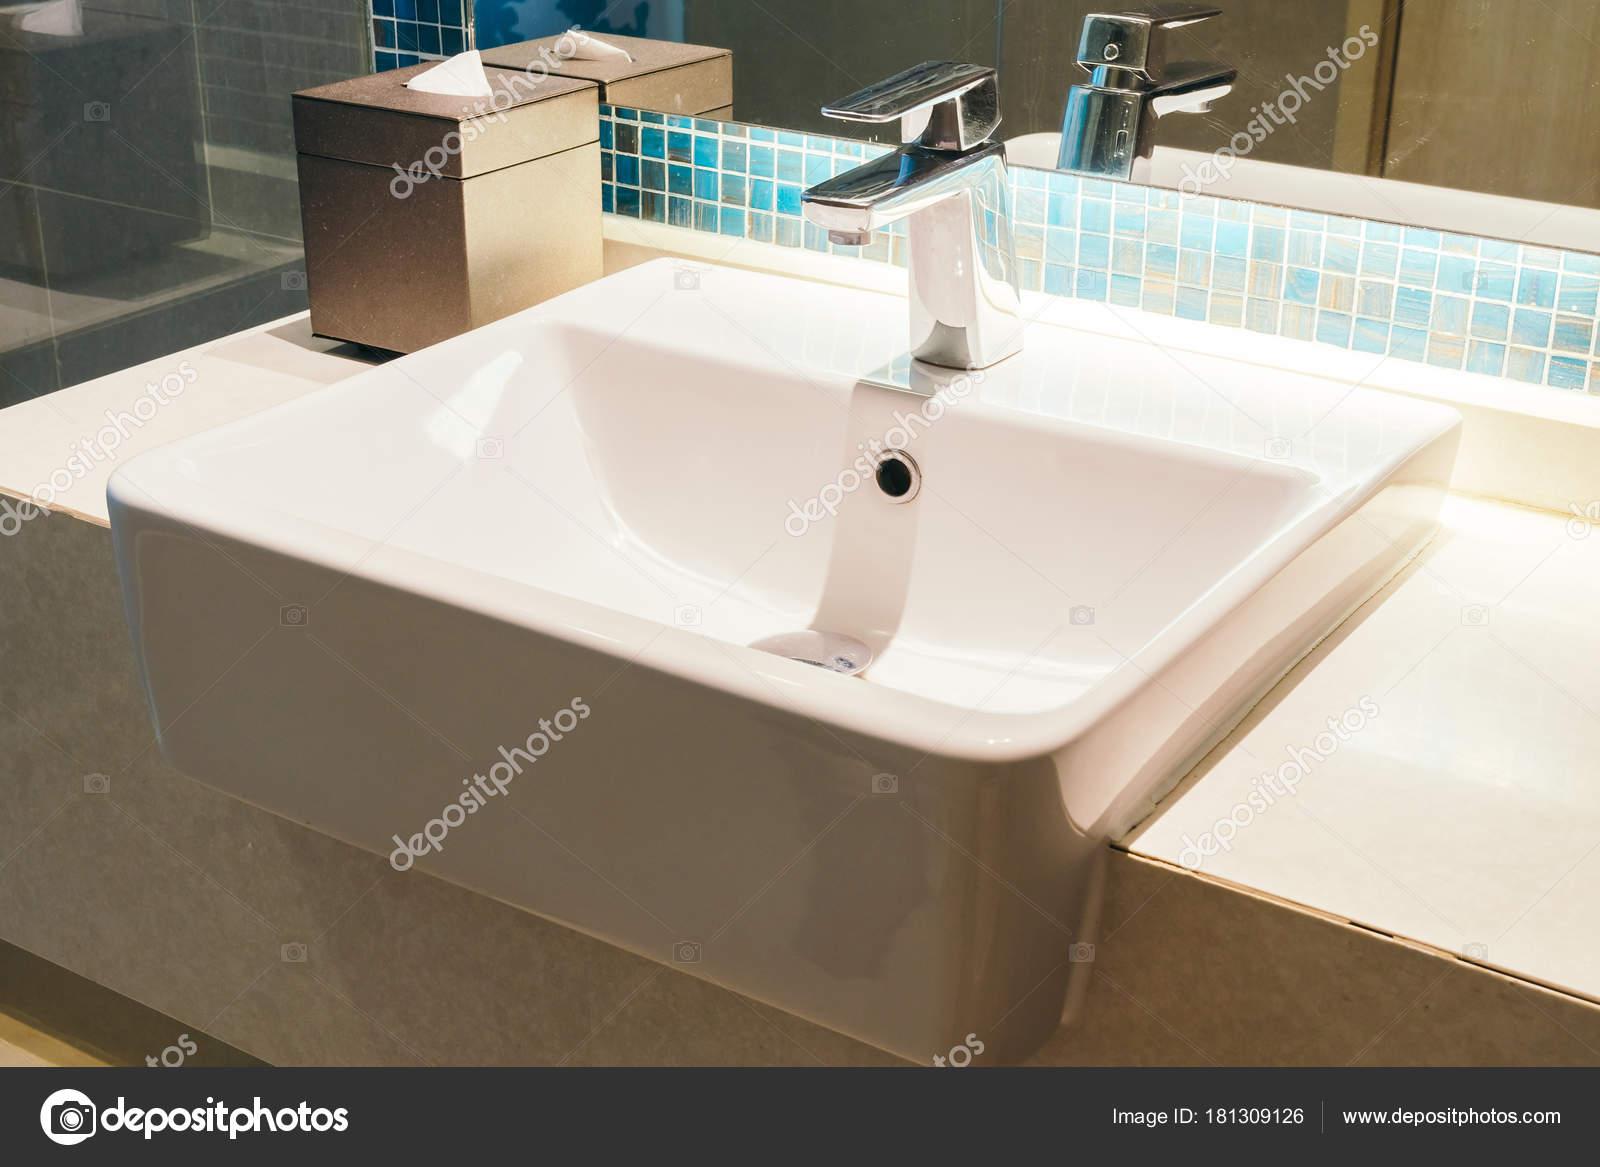 Rubinetto e lavello decorazione in bagno — Foto Stock © mrsiraphol ...